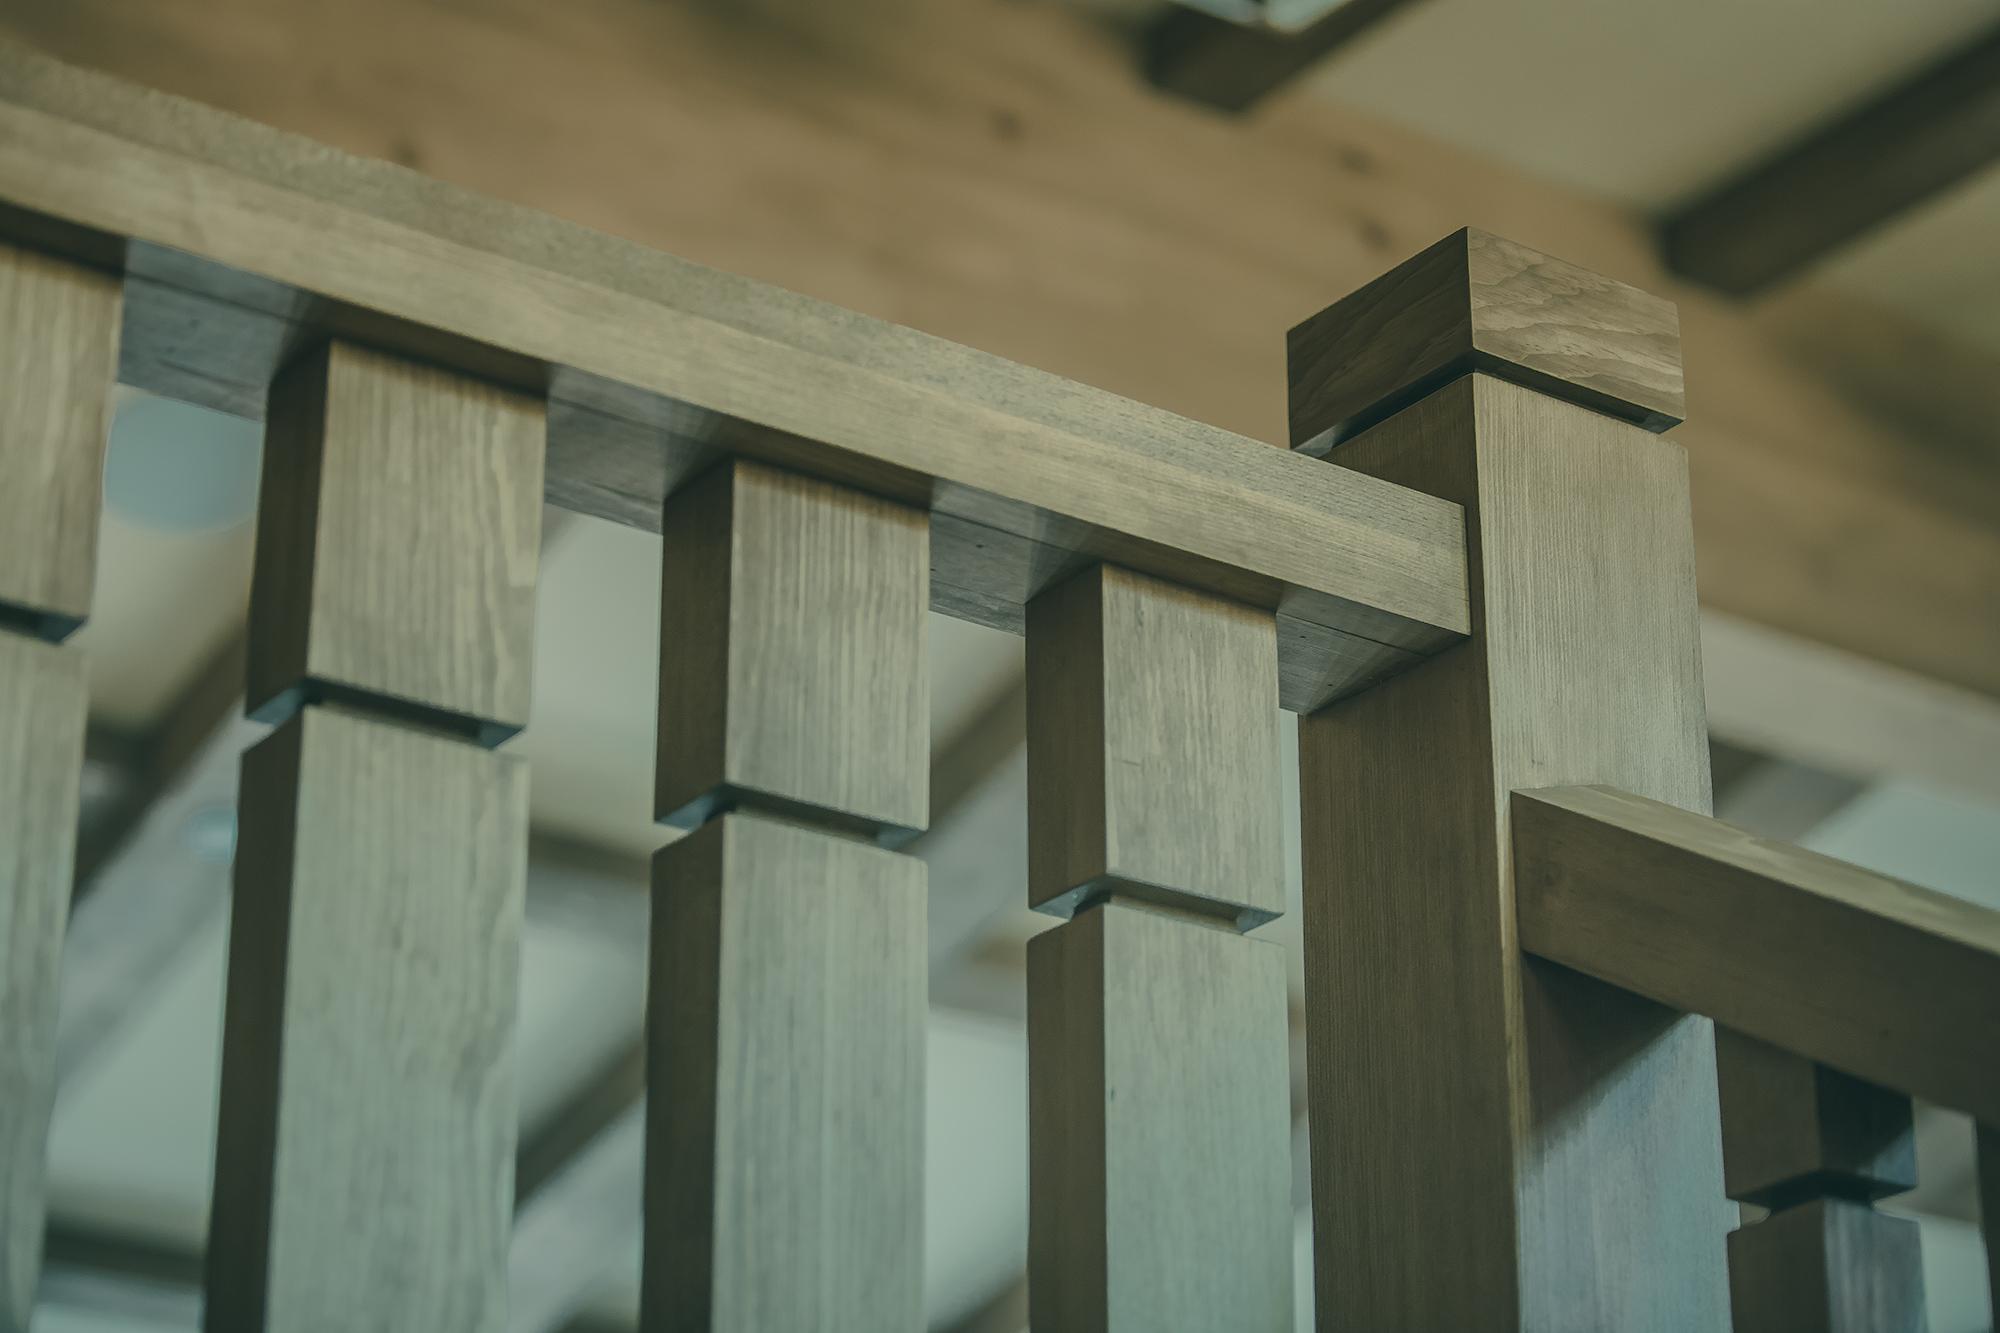 schwab-residence-stair-detail.jpg